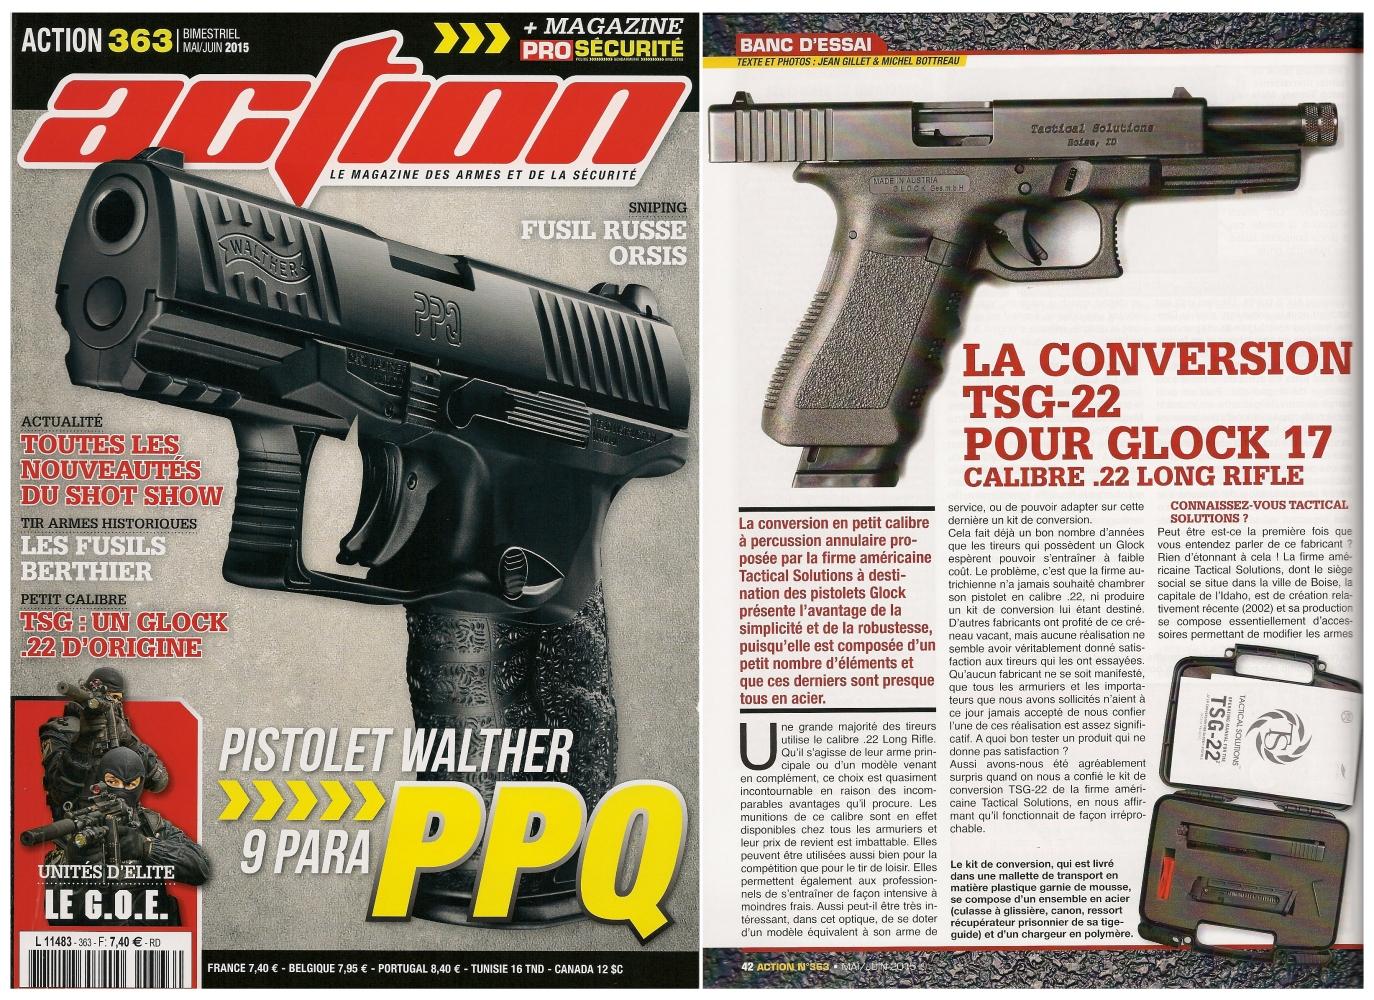 Le banc d'essai de la conversion TSG-22 pour Glock 17 a été publié sur 6 pages dans le magazine Action n°363 (mai/juin 2015).